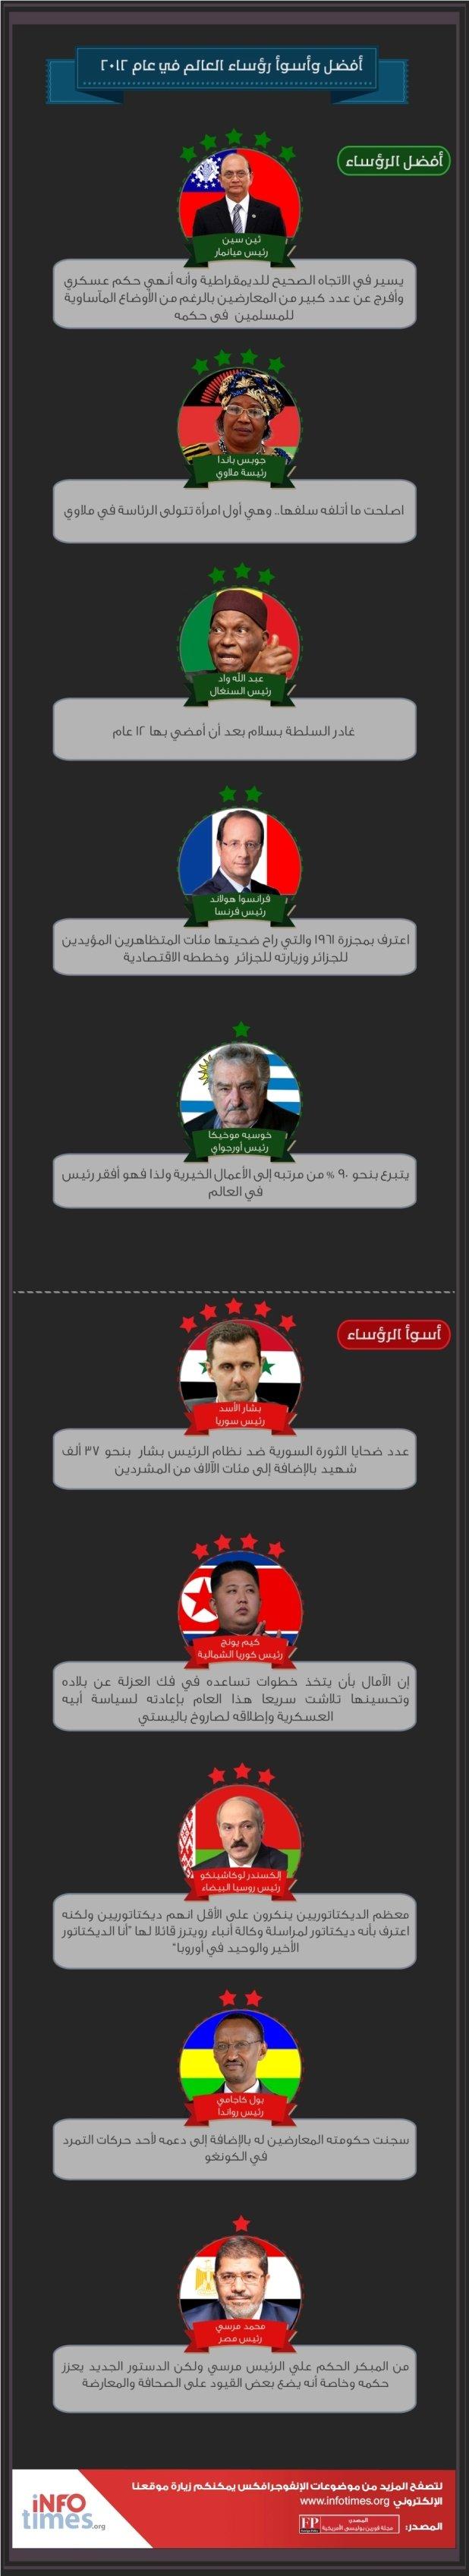 قائمة بأفضل وأسوأ رؤساء في العالم #انفوغراف #انفوجرافيك #انفوجرافيك_عربي